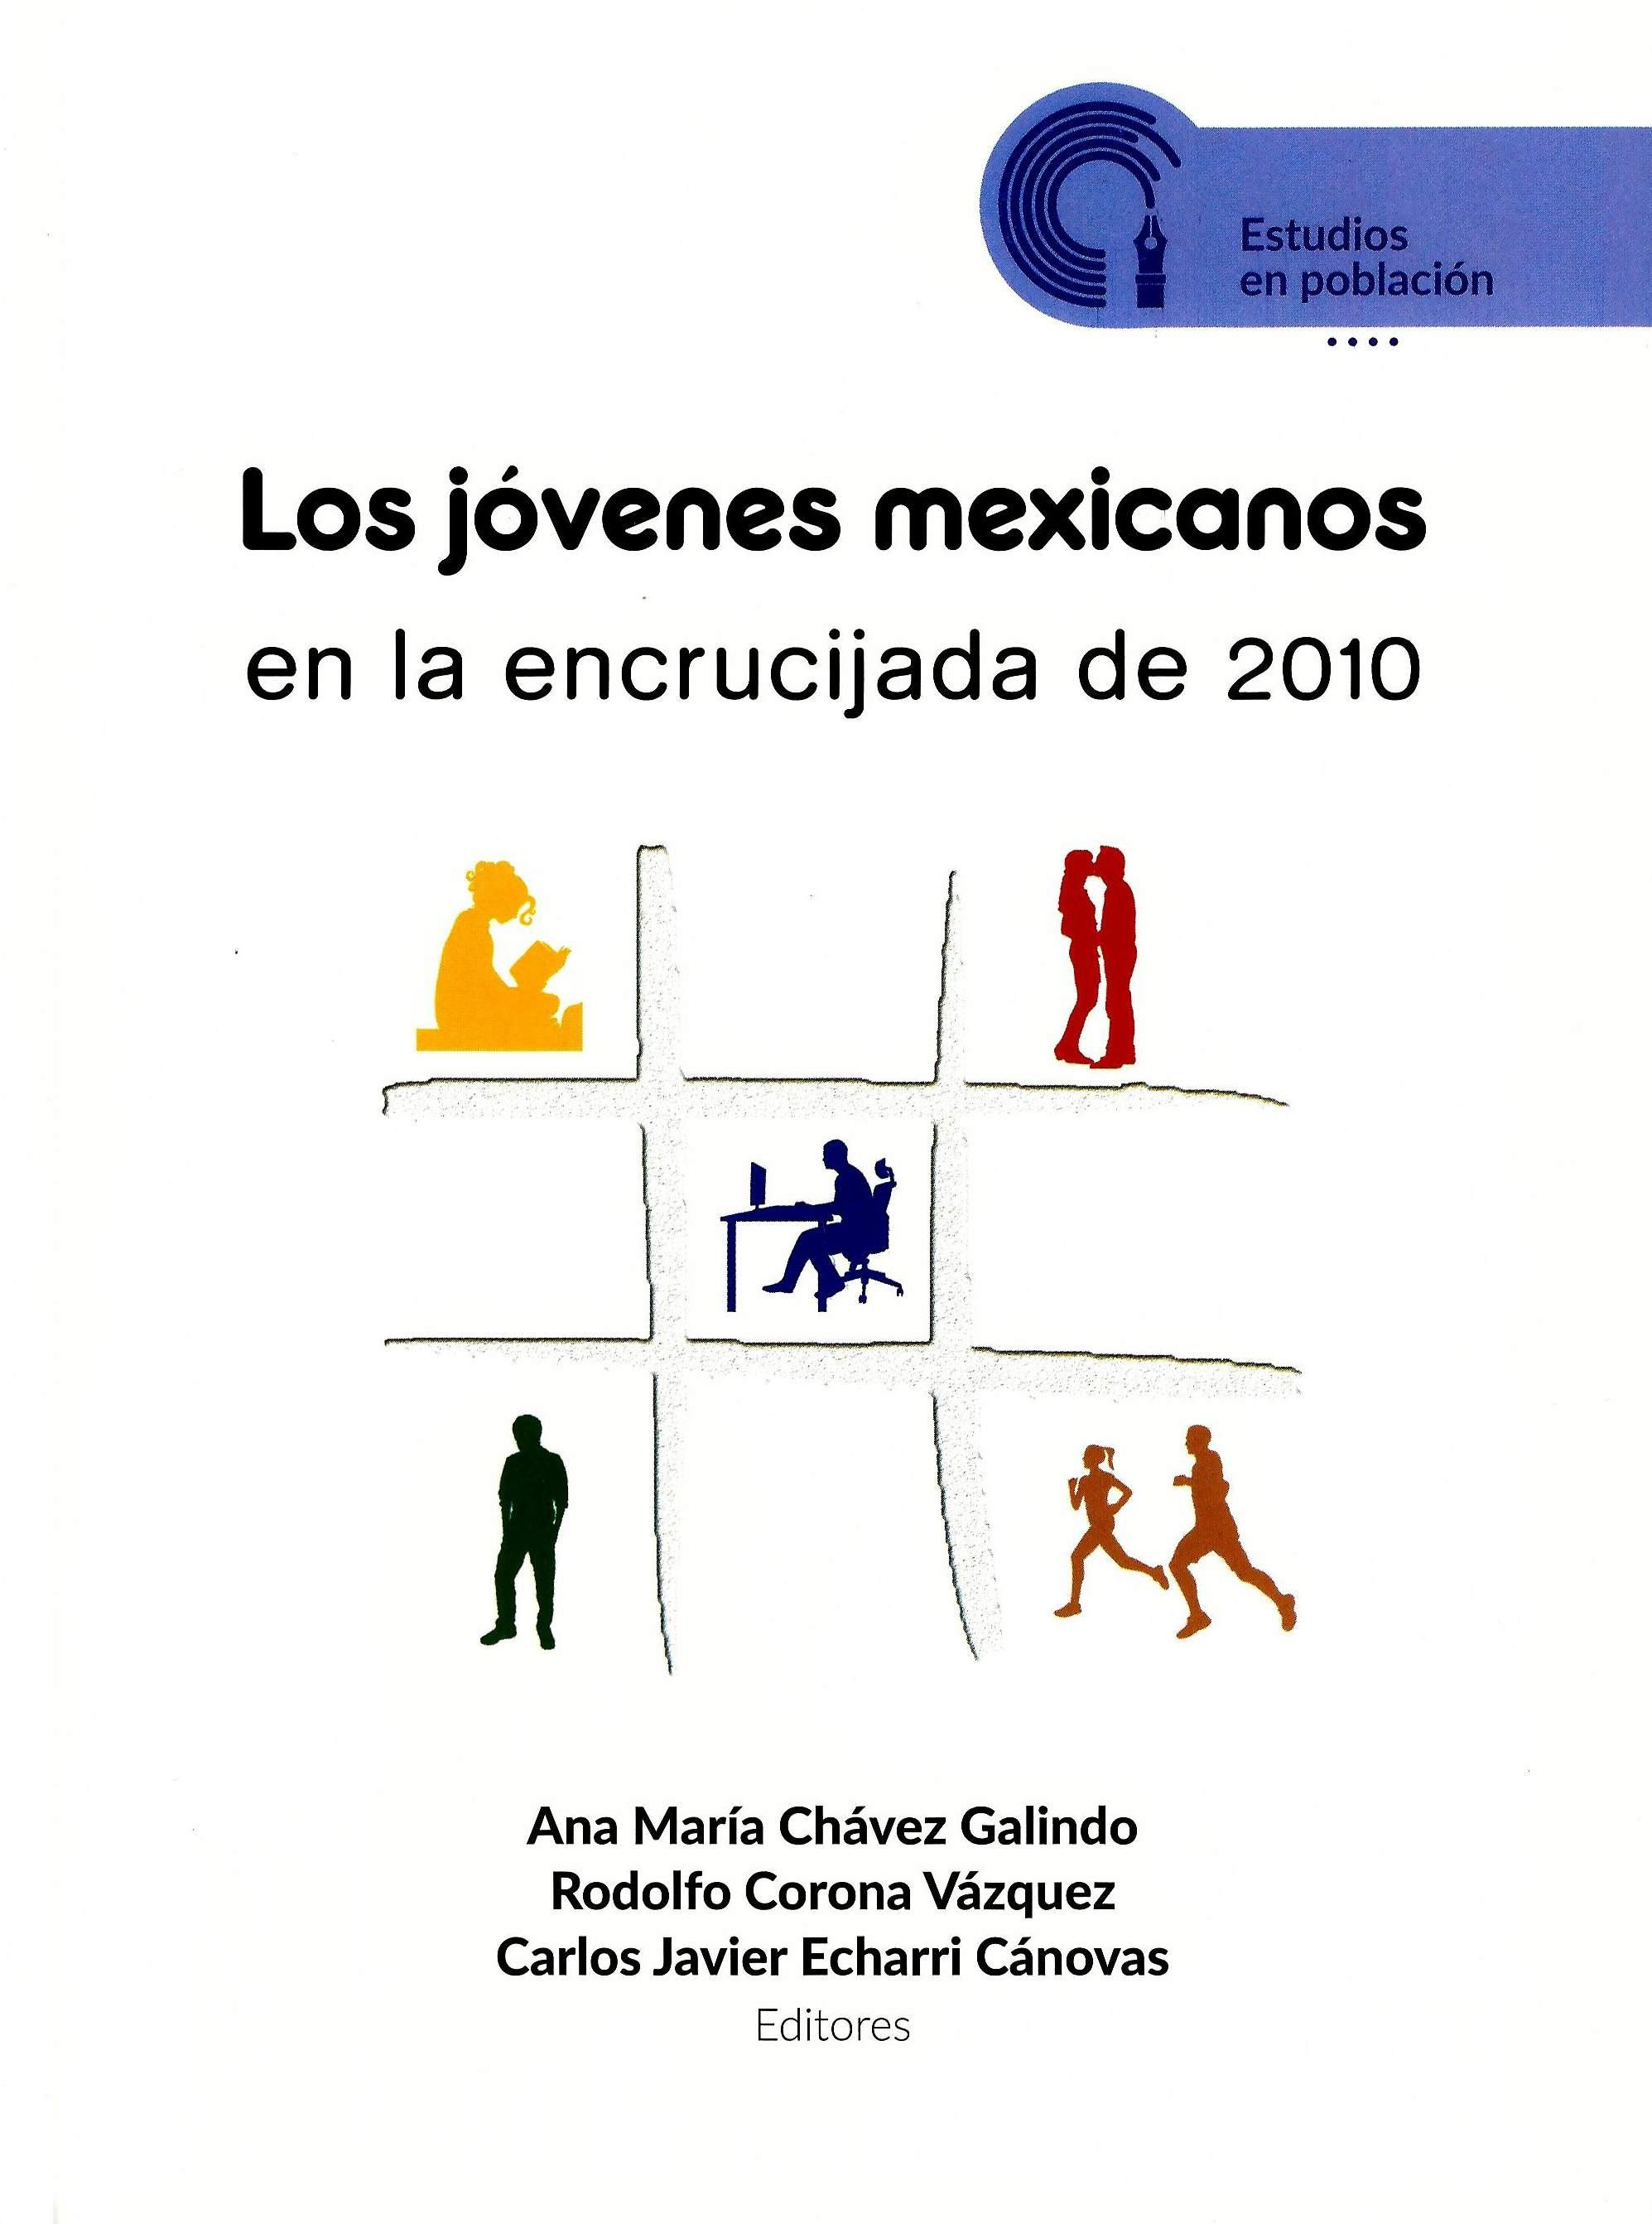 Los jovenes mexicanos en la encrucijada de 2010